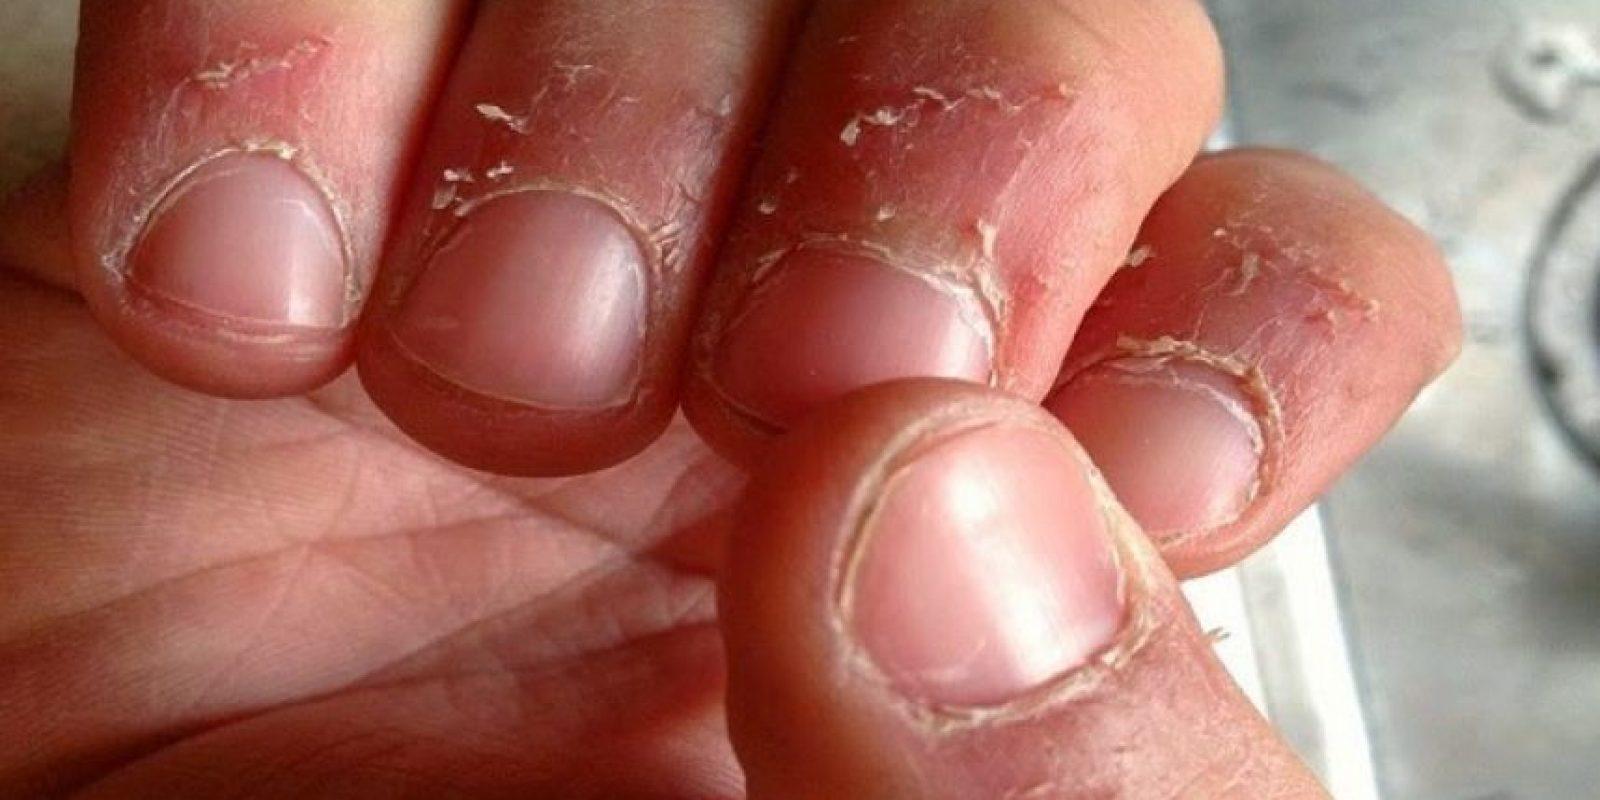 Aquí algunas razones de por qué no deberían morderse las uñas. Foto:Wikimedia